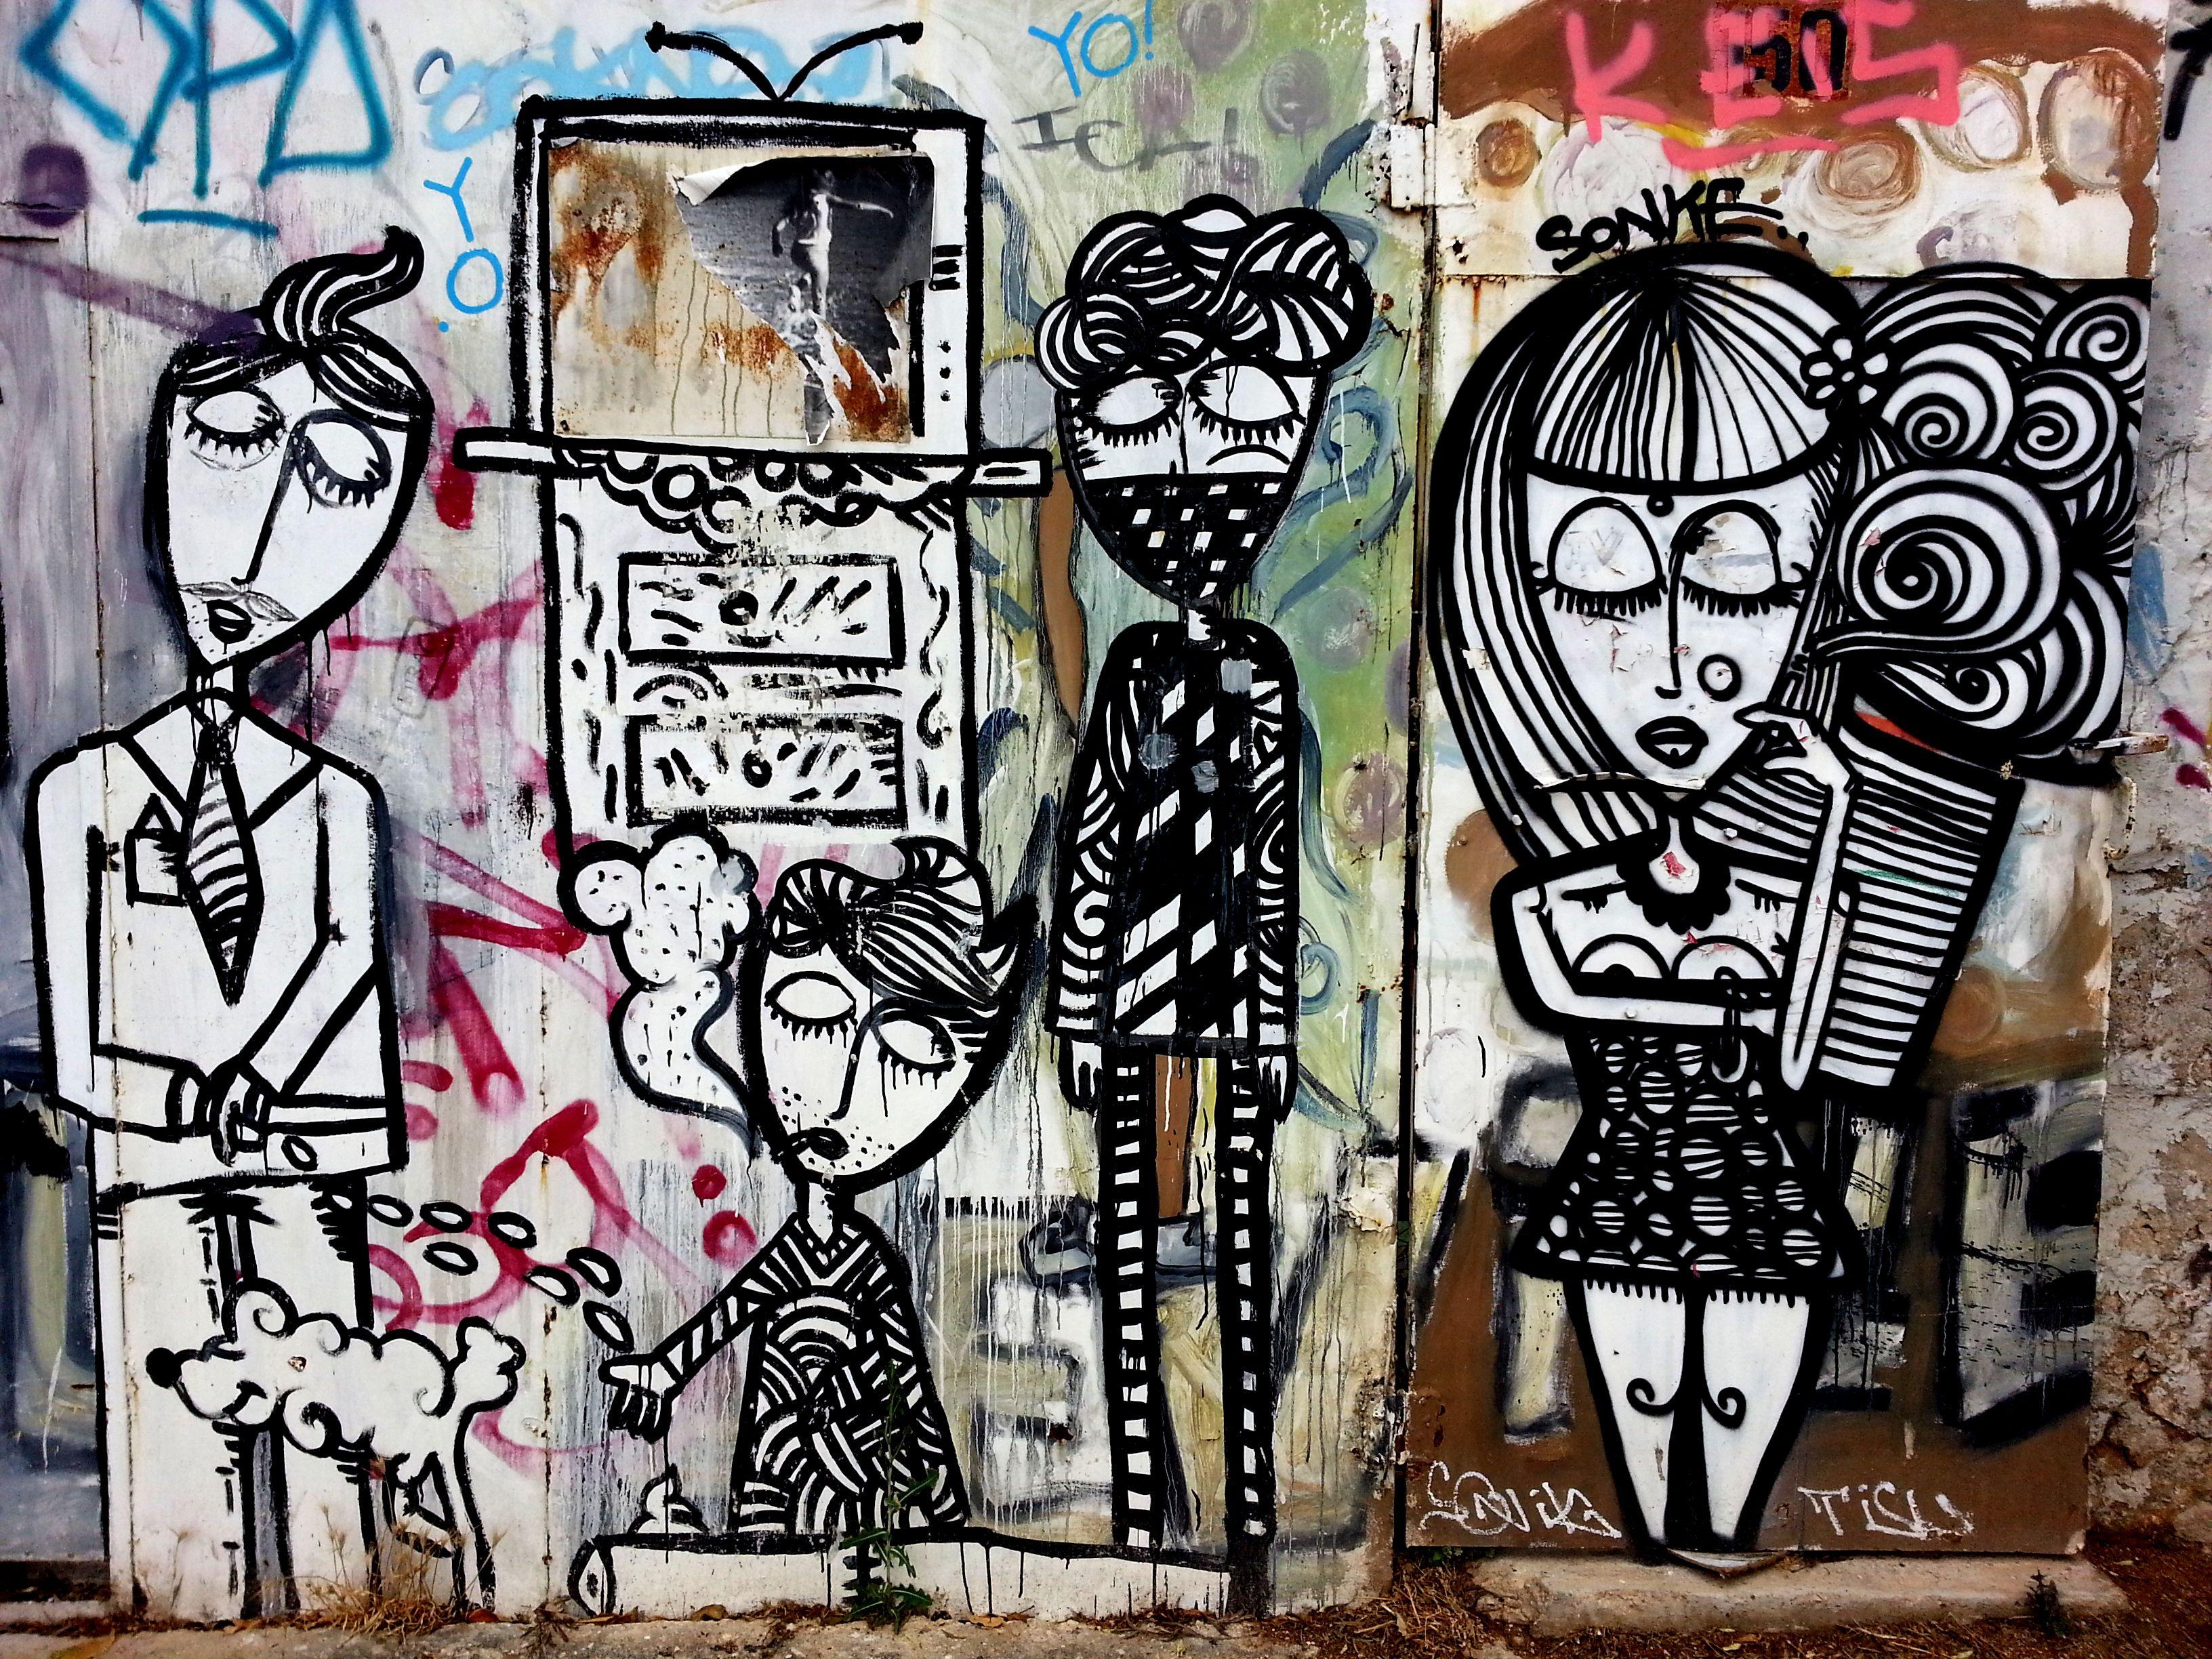 graffiti from Athens graffiti Pinterest Graffiti and